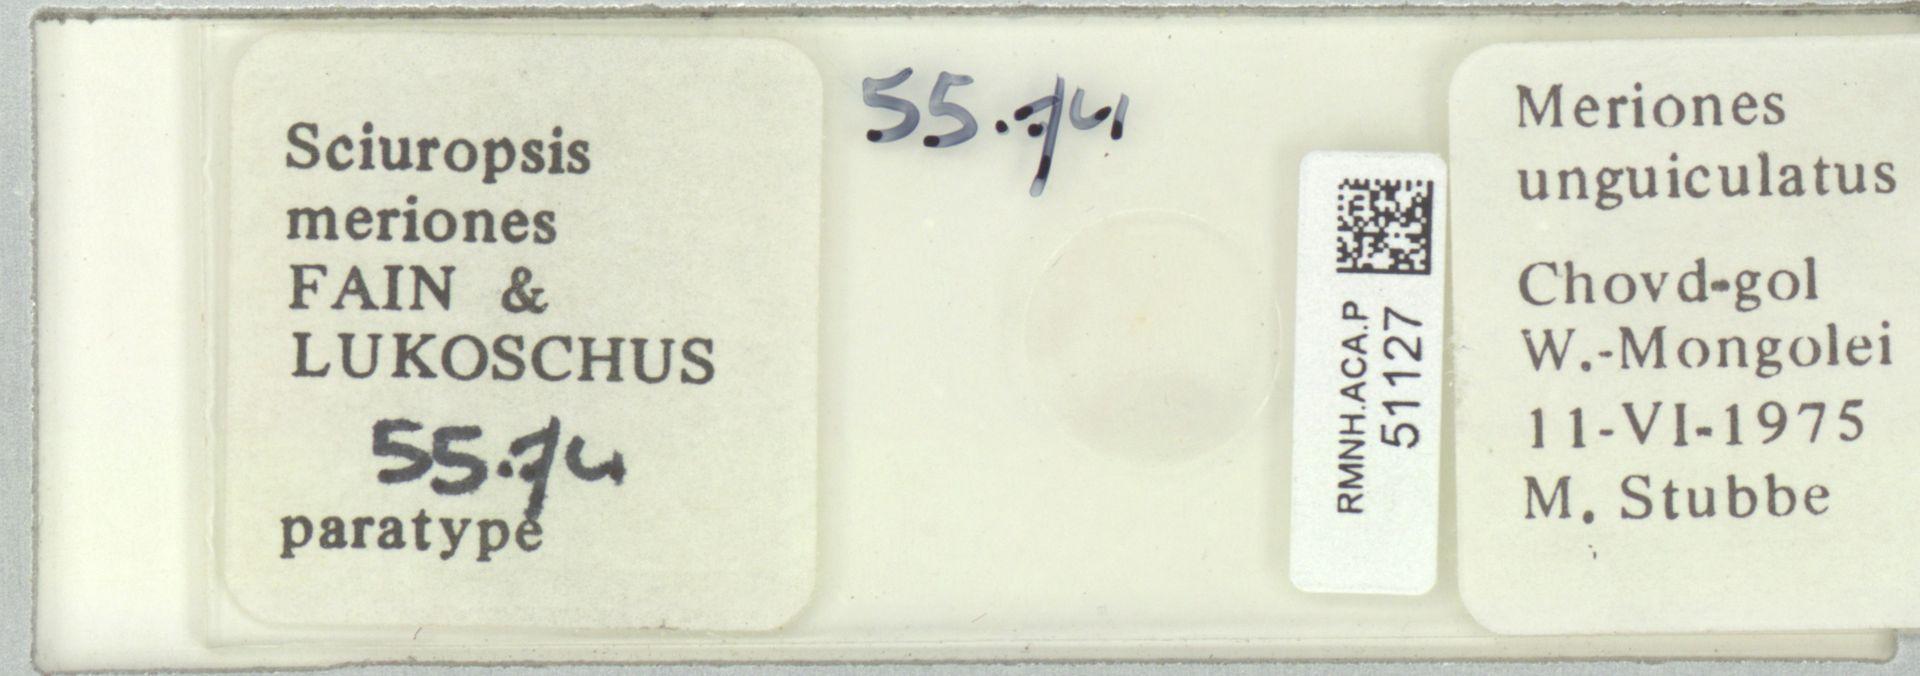 RMNH.ACA.P.51127 | Sciuropsis meriones Fain & Lukoschus